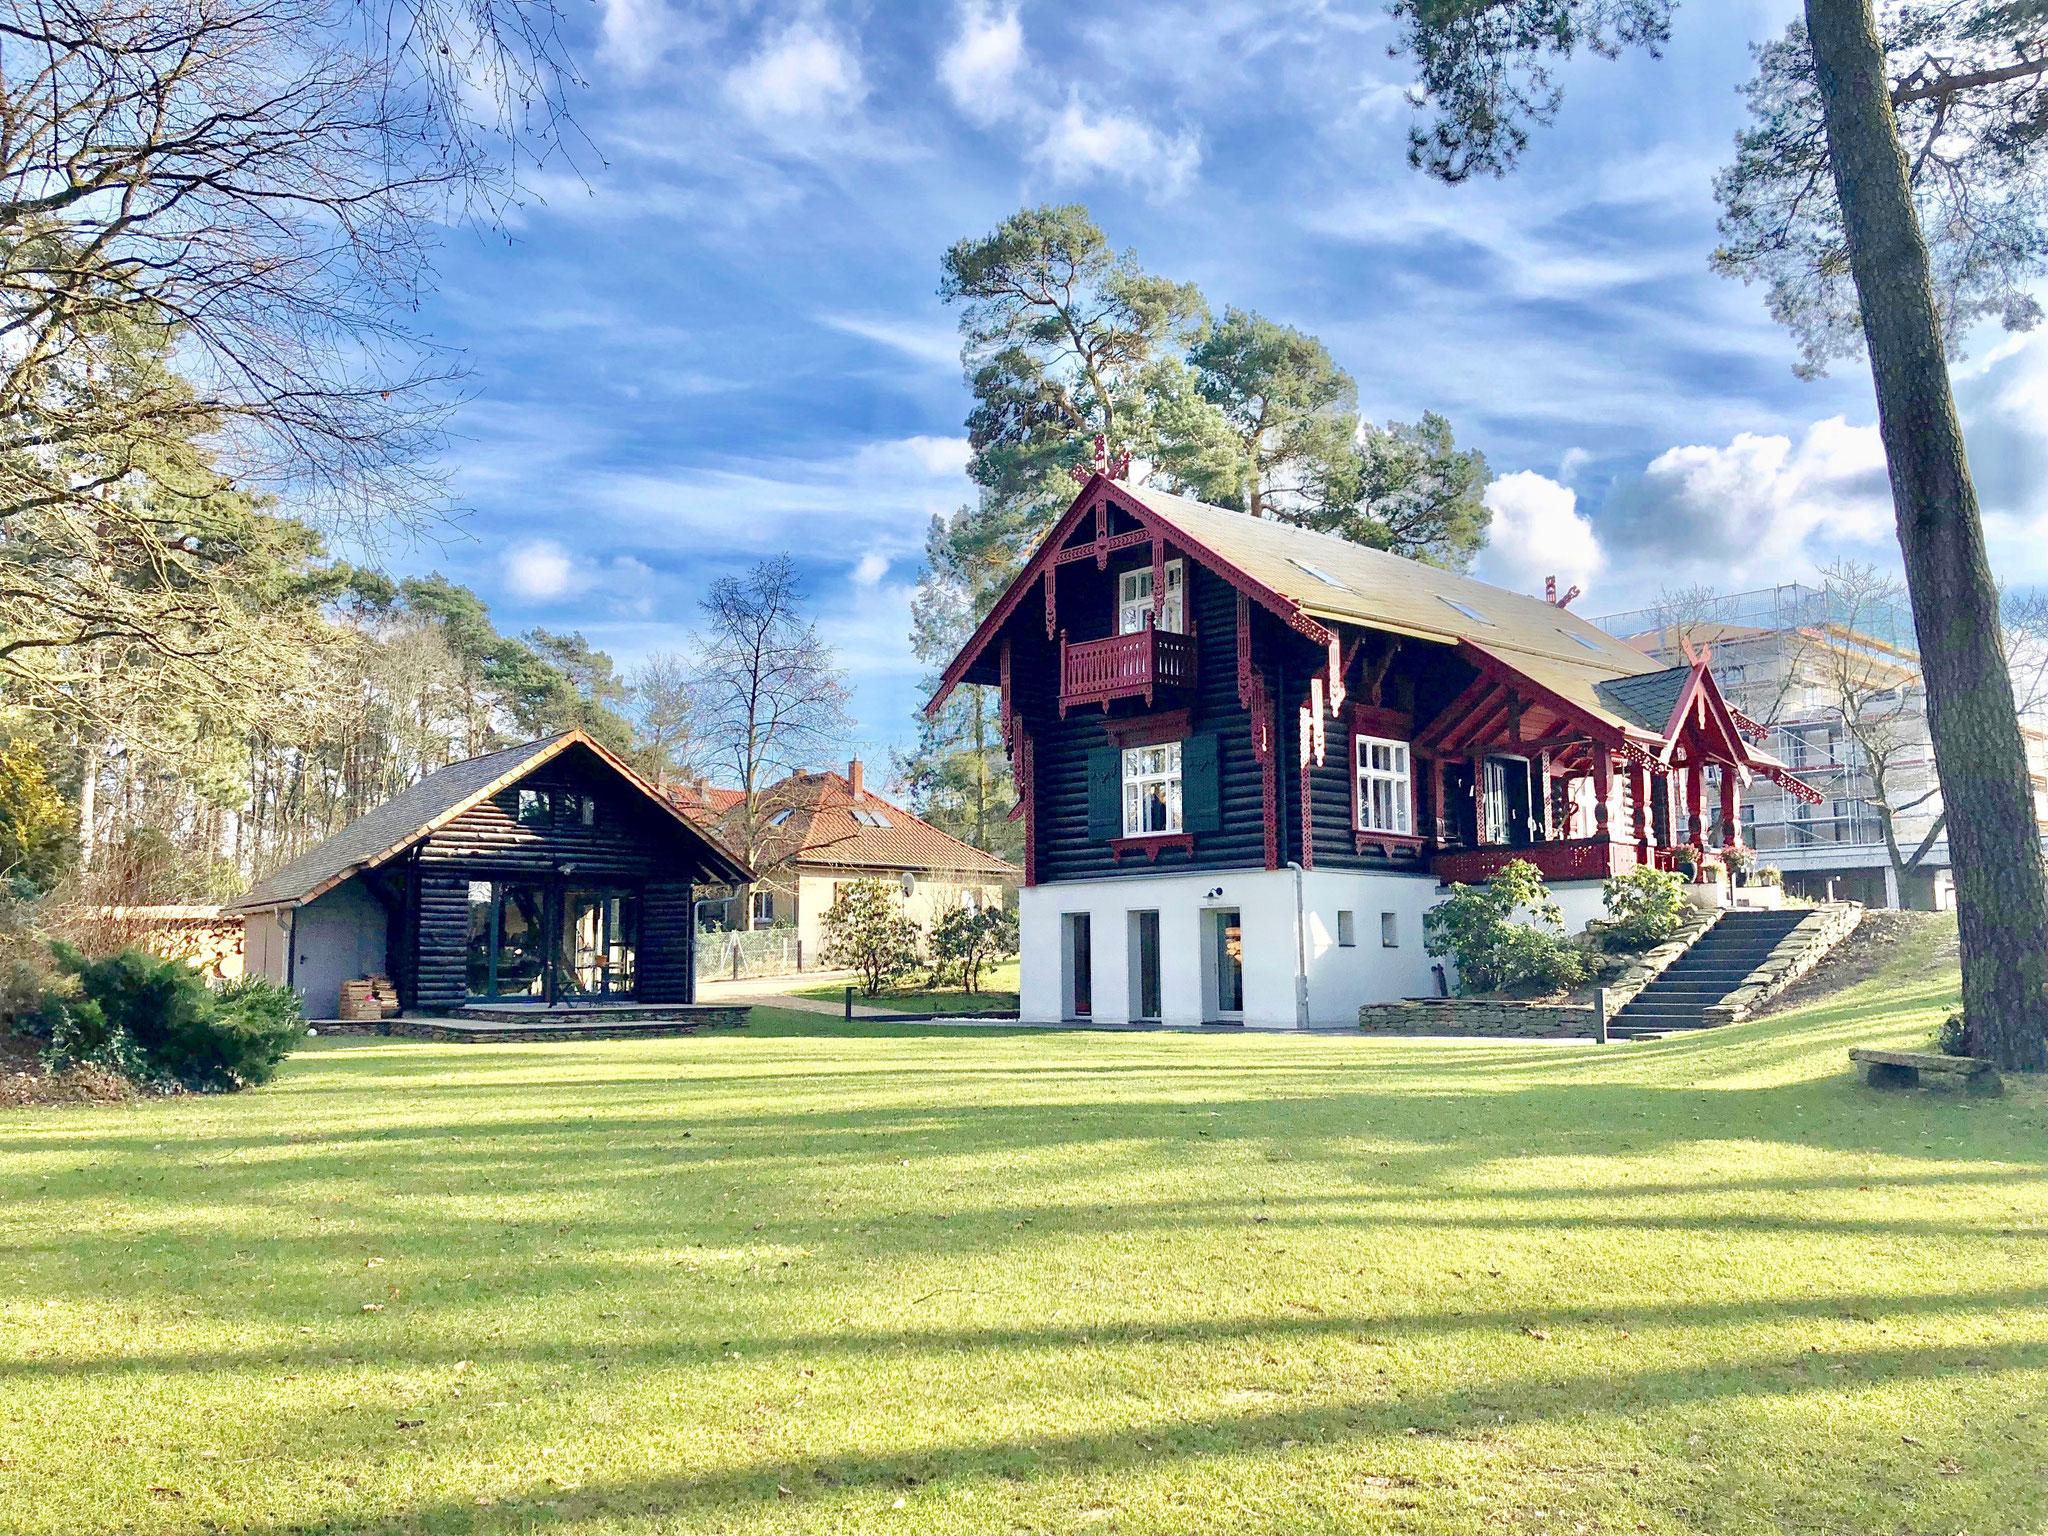 Märchenhaftes Maxim-Gorki-Haus in zentraler Lage von Bad Saarow